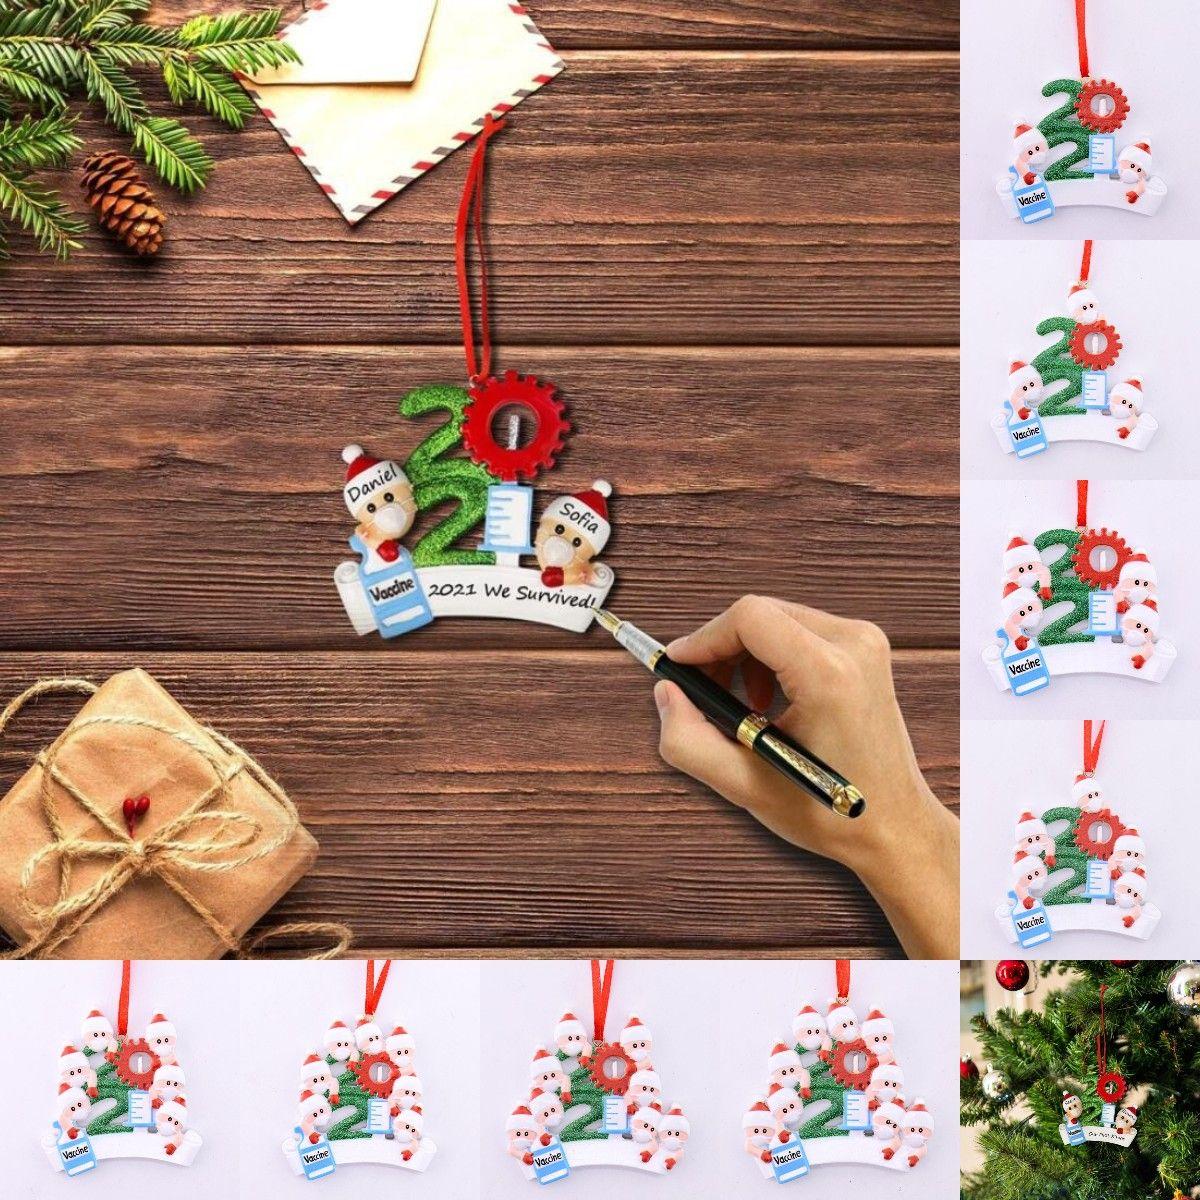 2021 Nueva cuarentena navidad cumpleaños fiesta decoración del partido producto de regalo personalizado ornamento colgante pandémico -social distancing-familia 1-9 cabezas